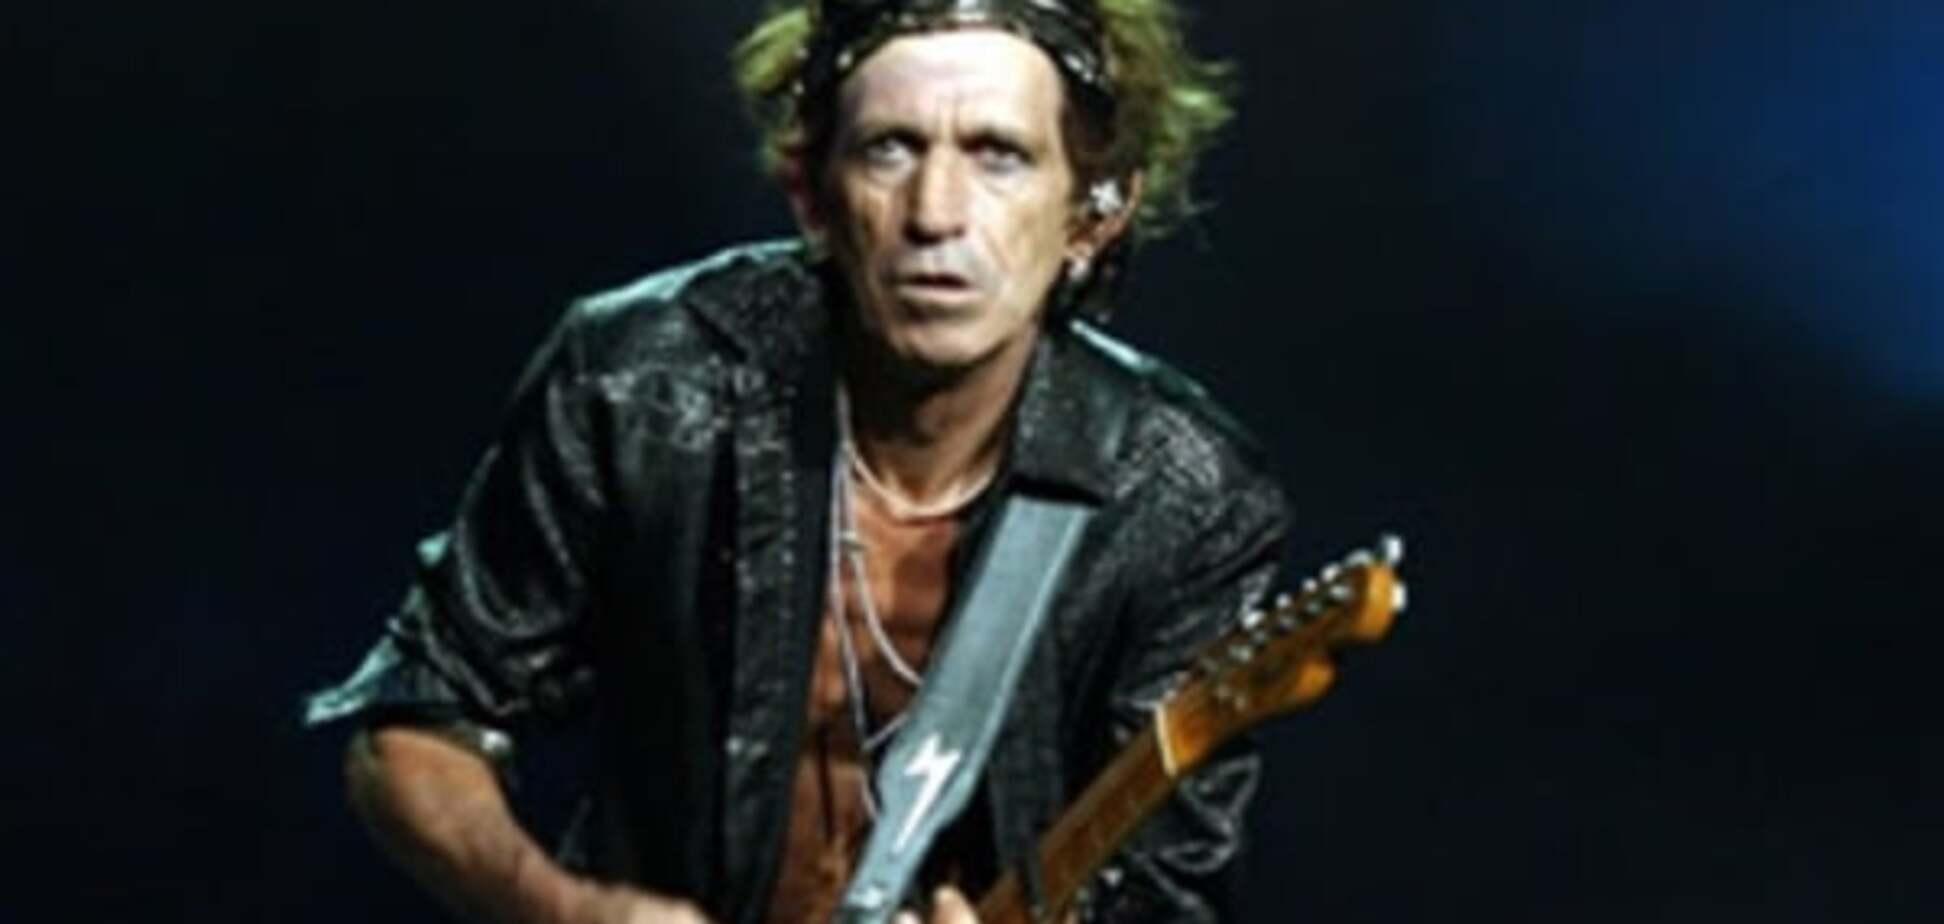 музыкант Rolling Stones